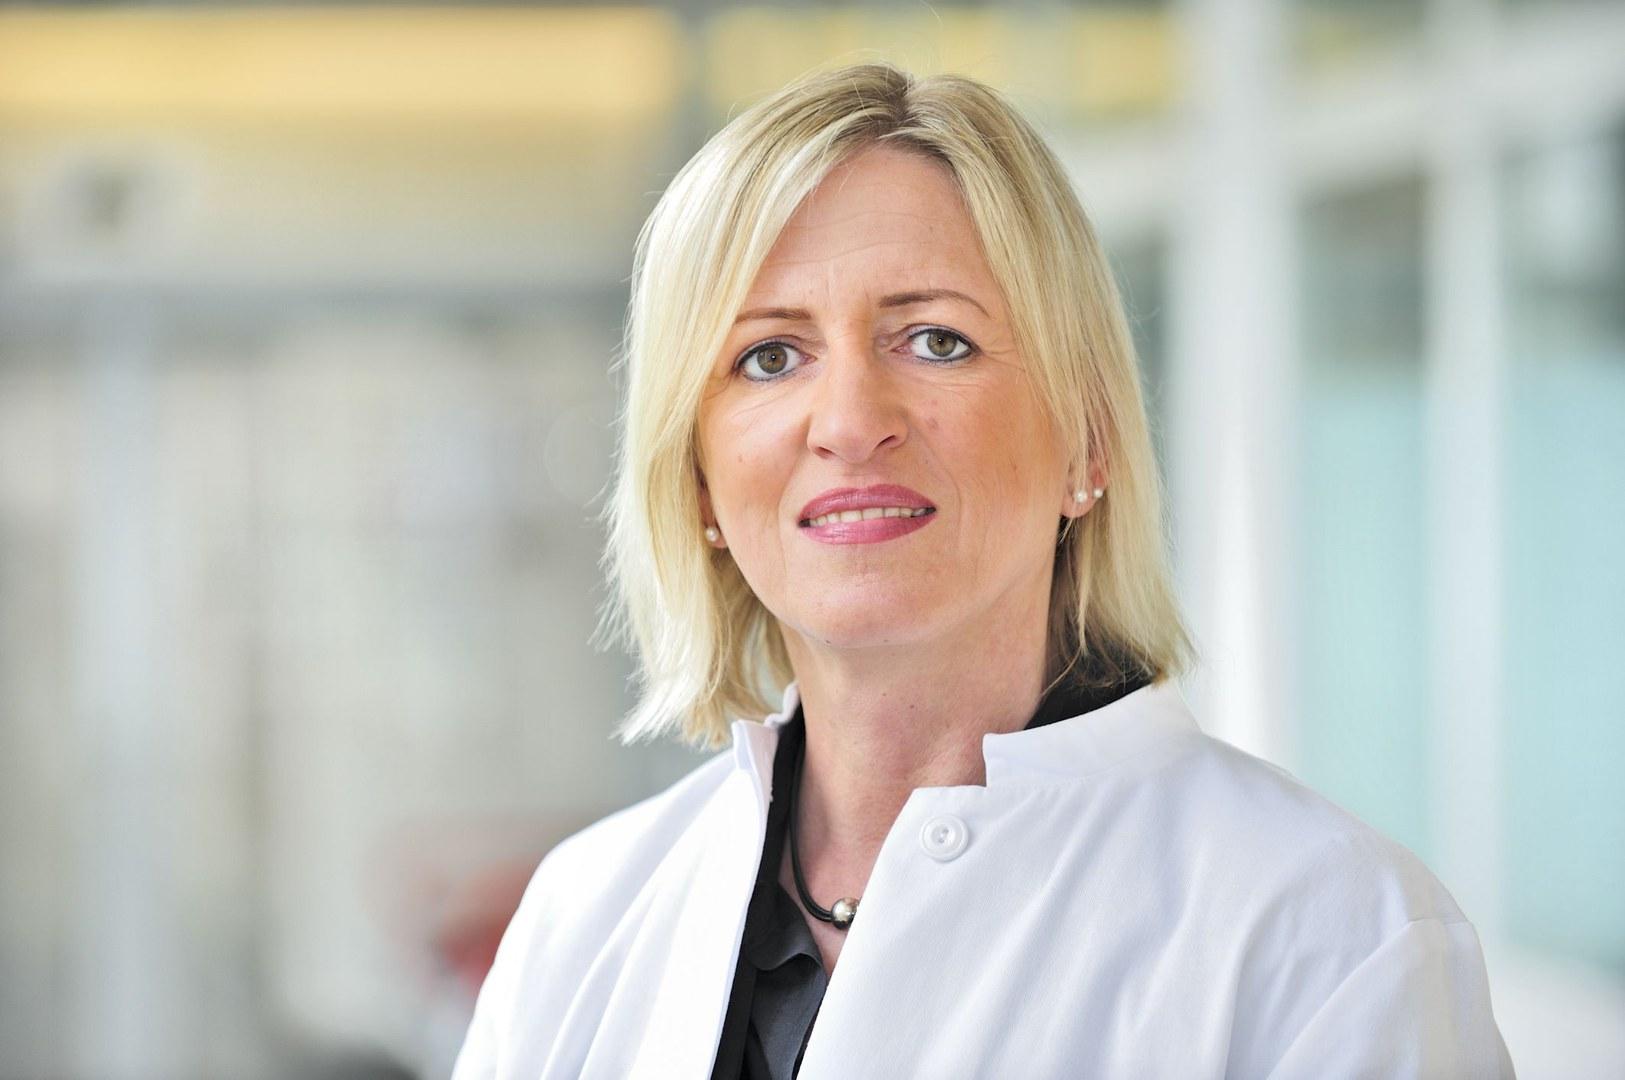 Dr. Tanja Menting